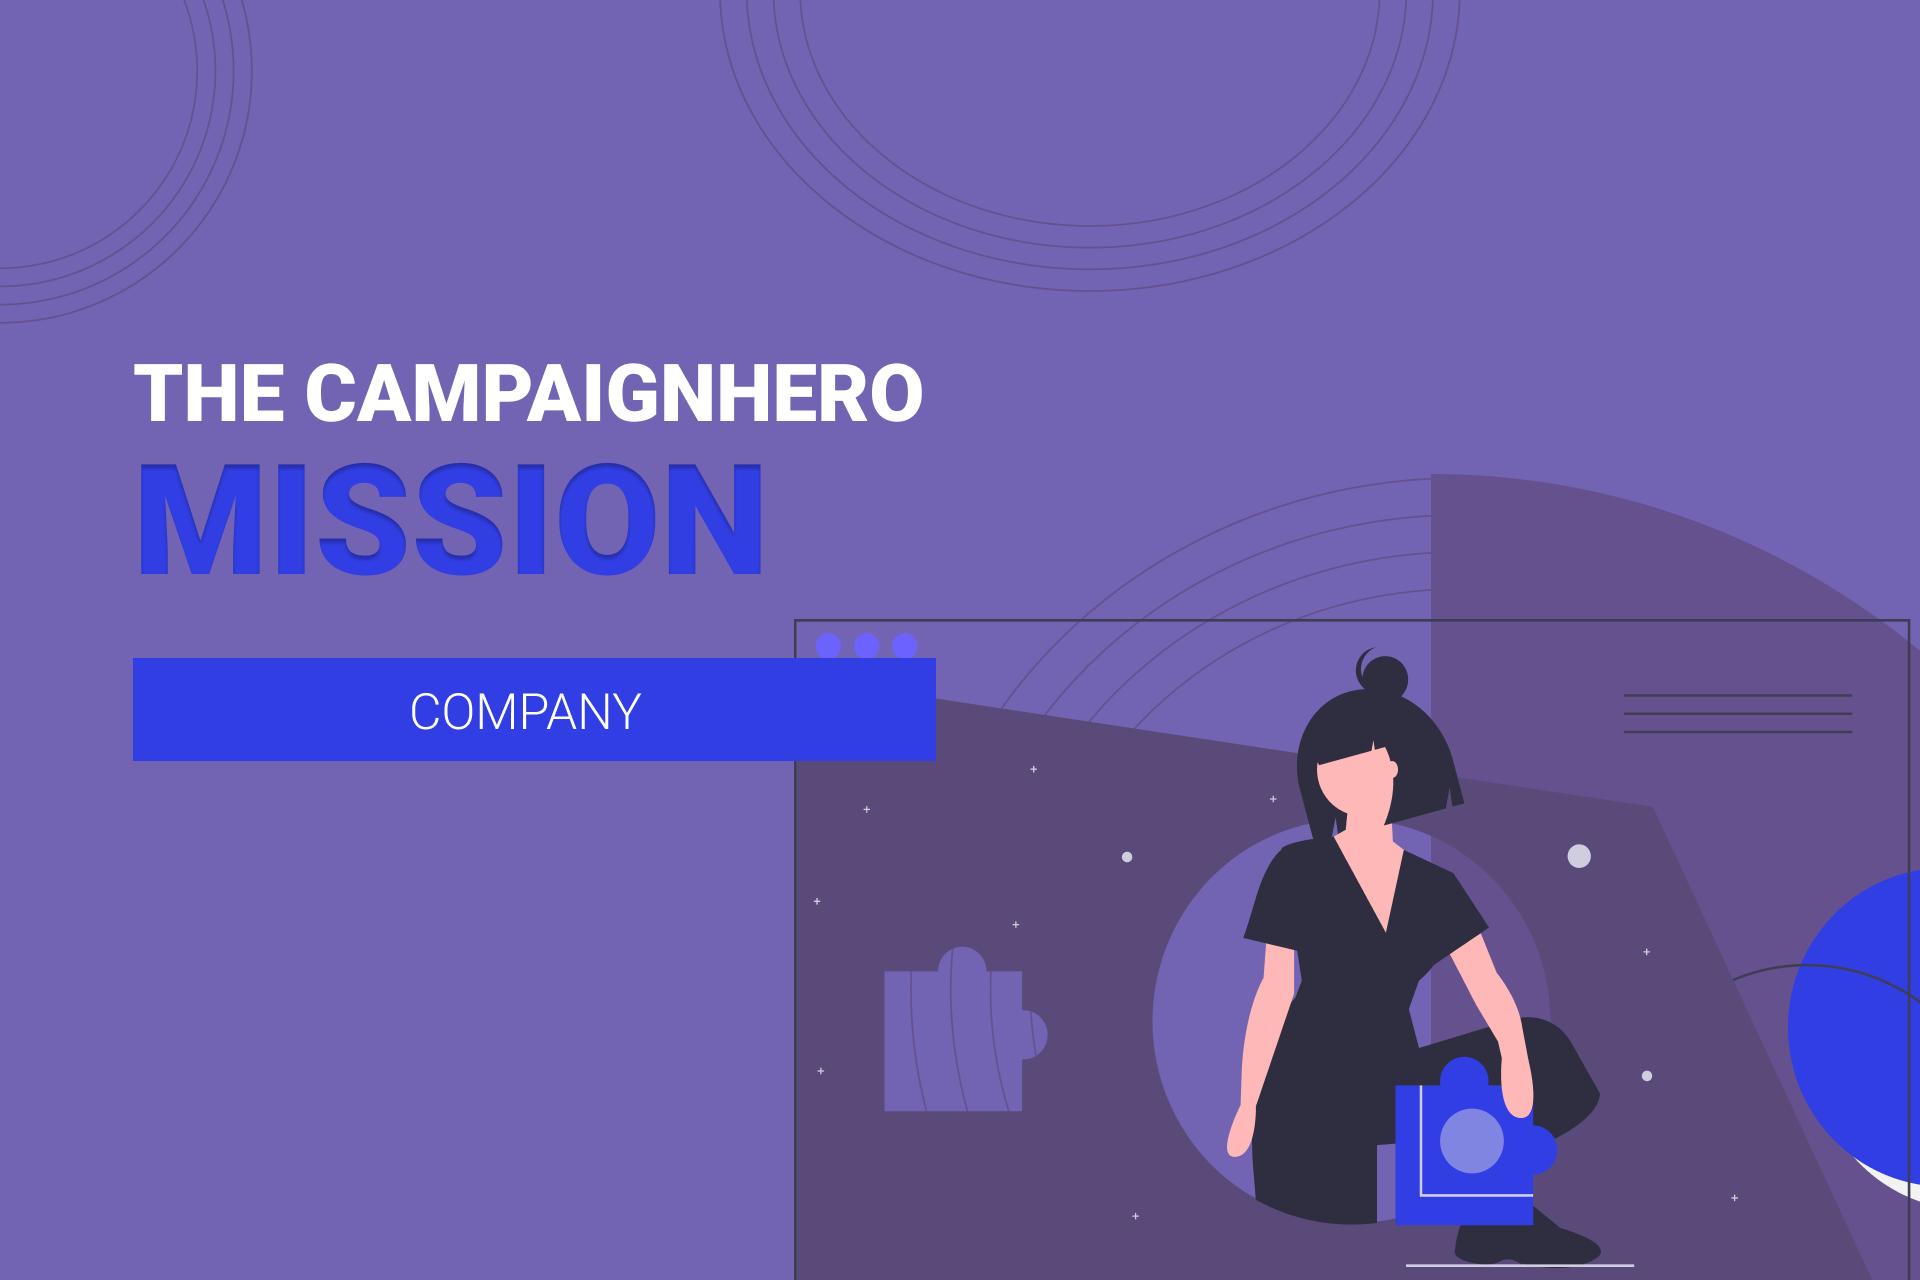 The CampaignHero Mission